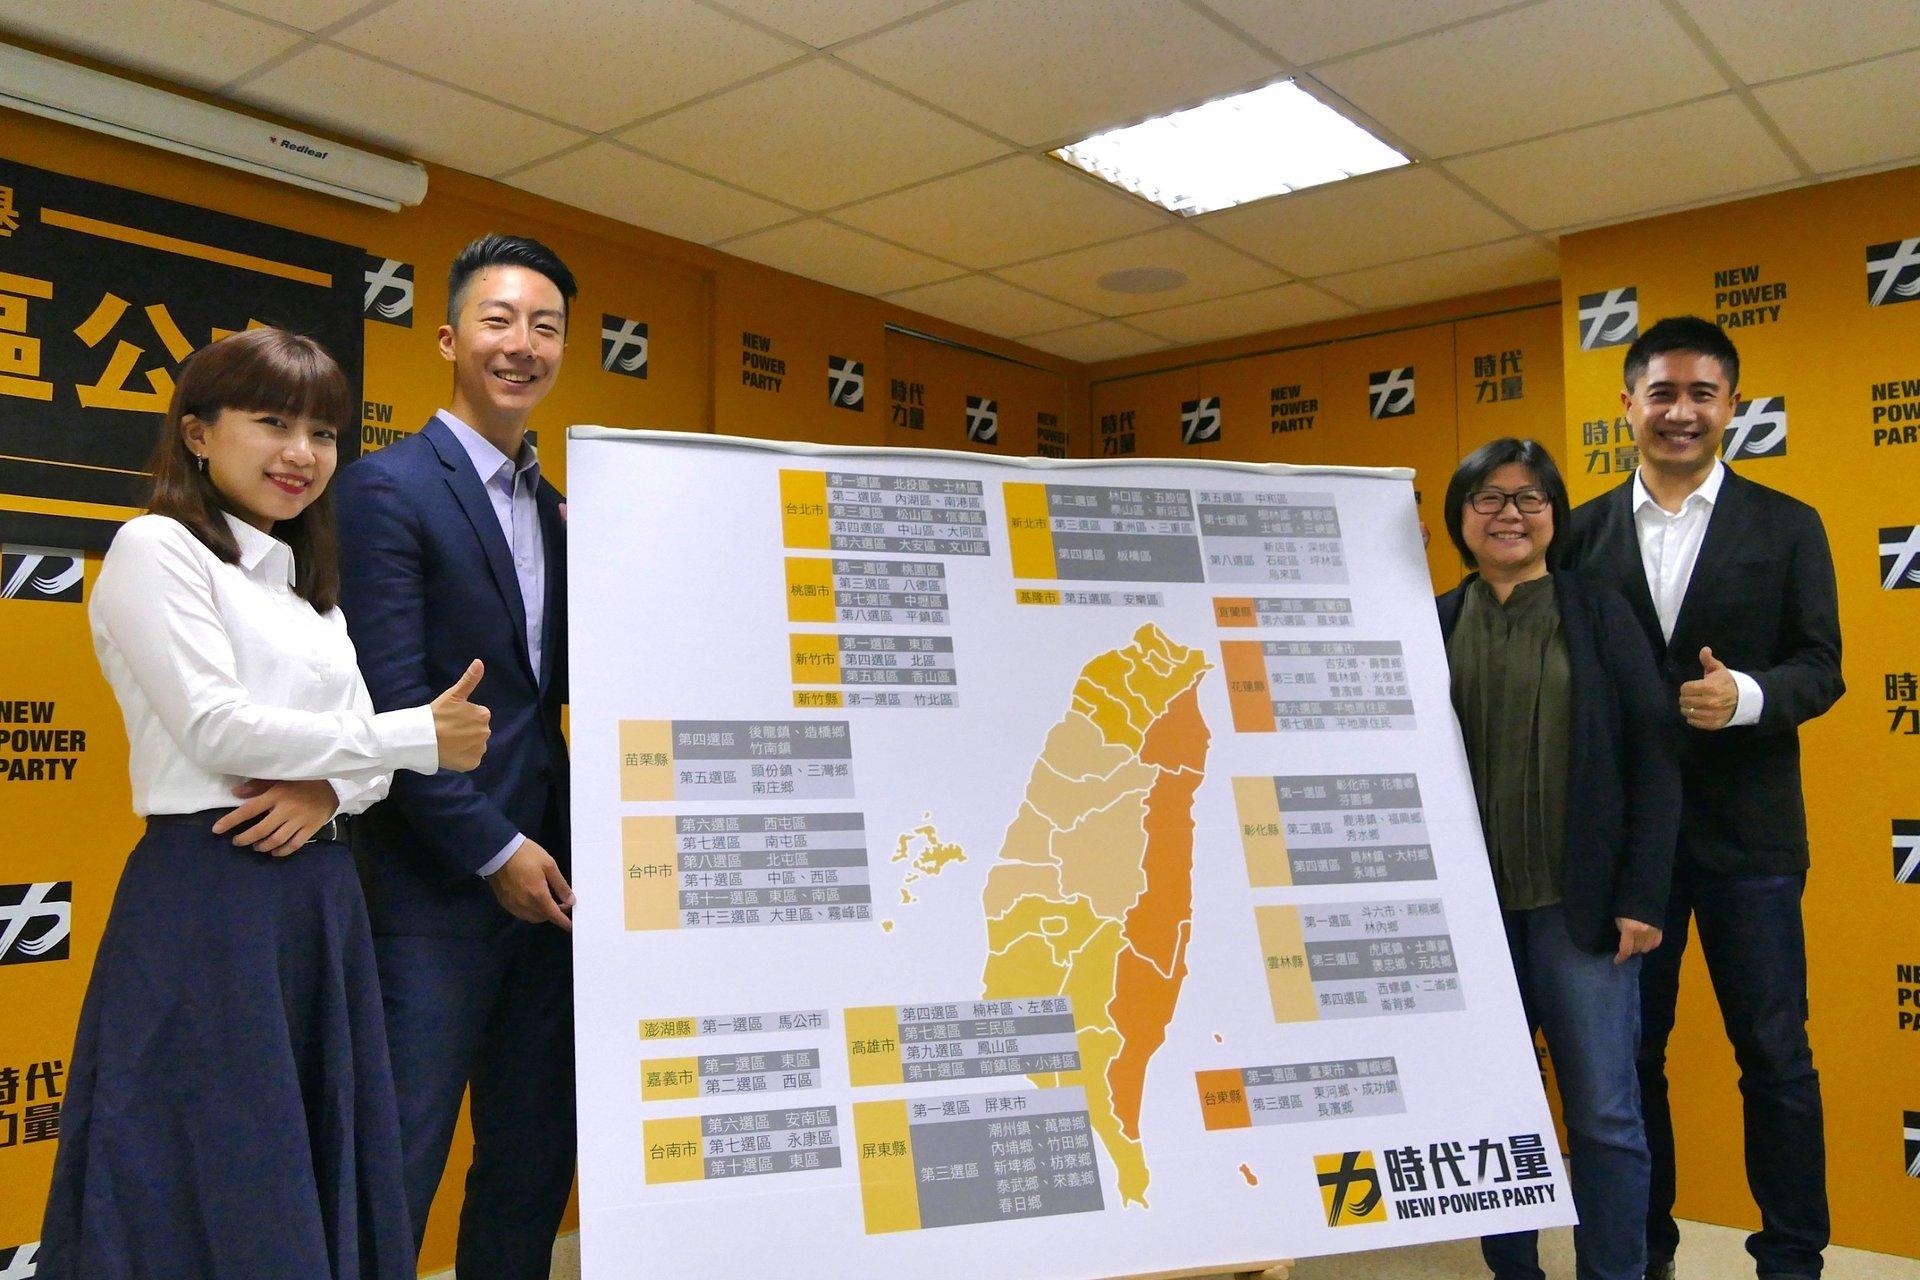 時代力量日前公布要在全台灣54個選舉區提名議員參選人,望能在西元2018年底成功進軍地方議會。圖片來源:時代力量/Facebook